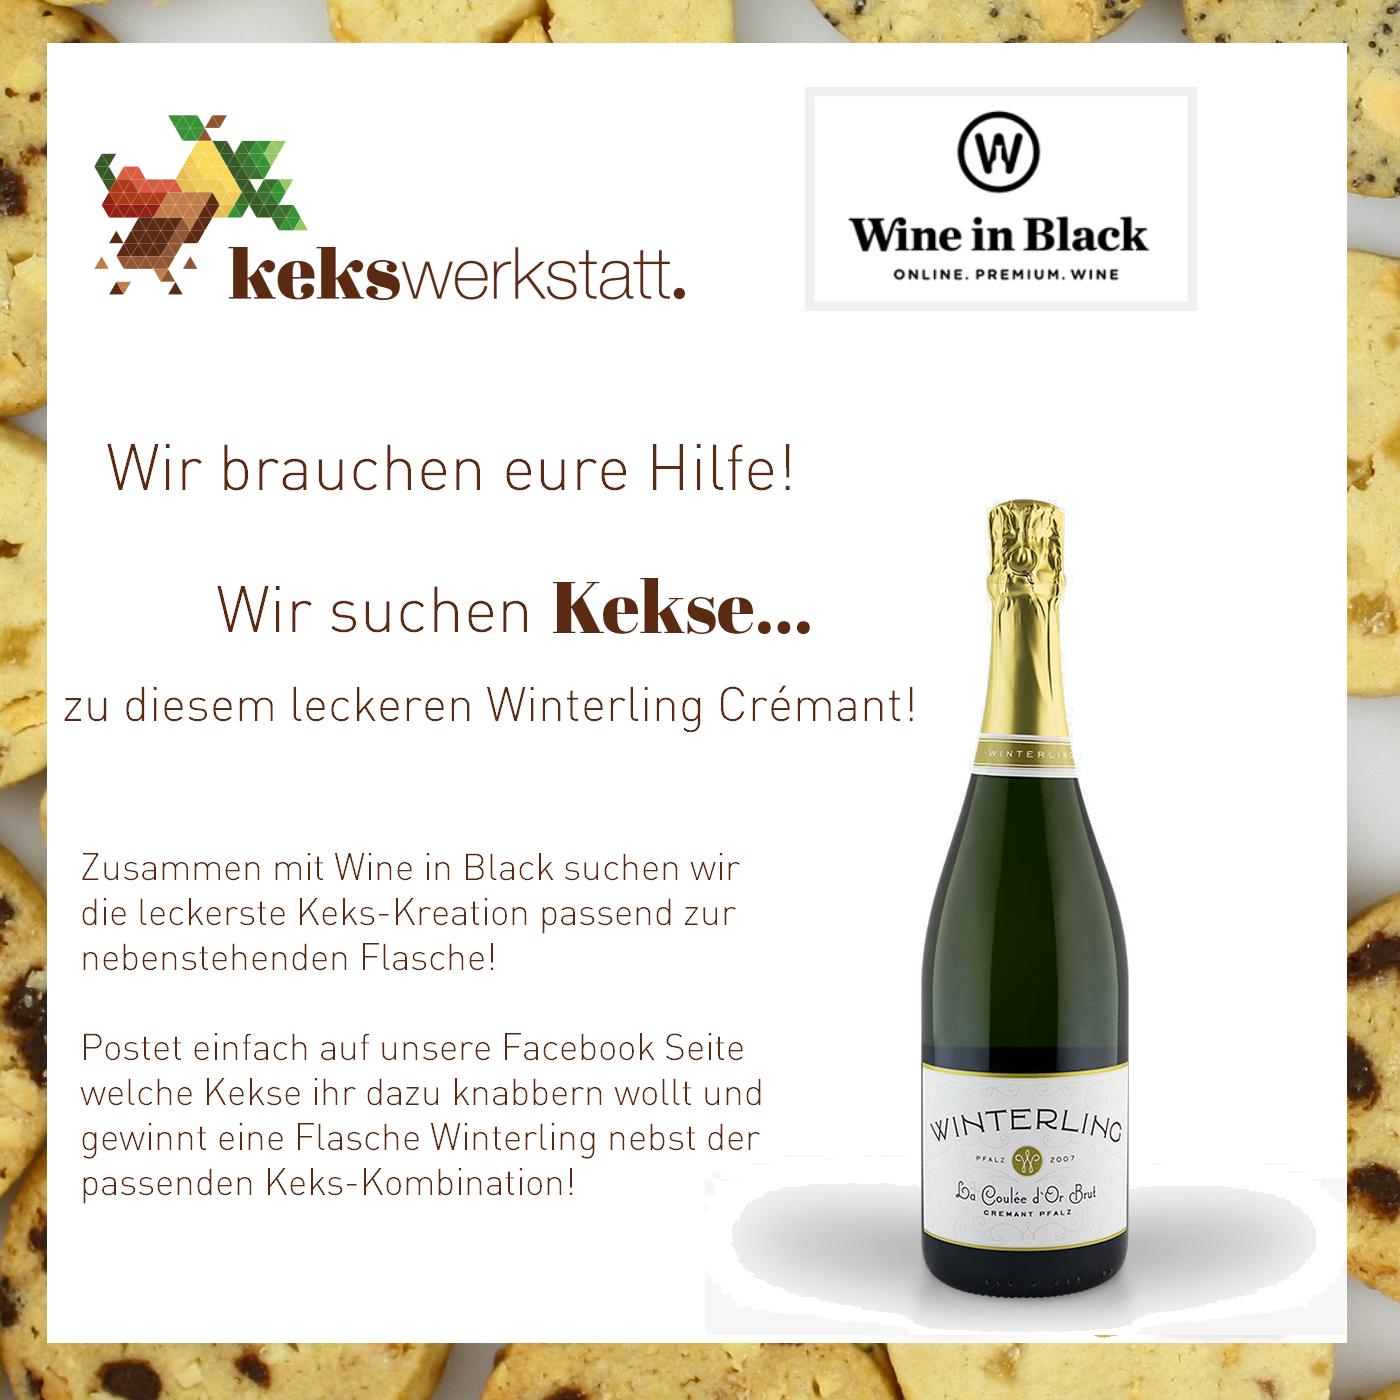 Wine in Black Gewinnspiel